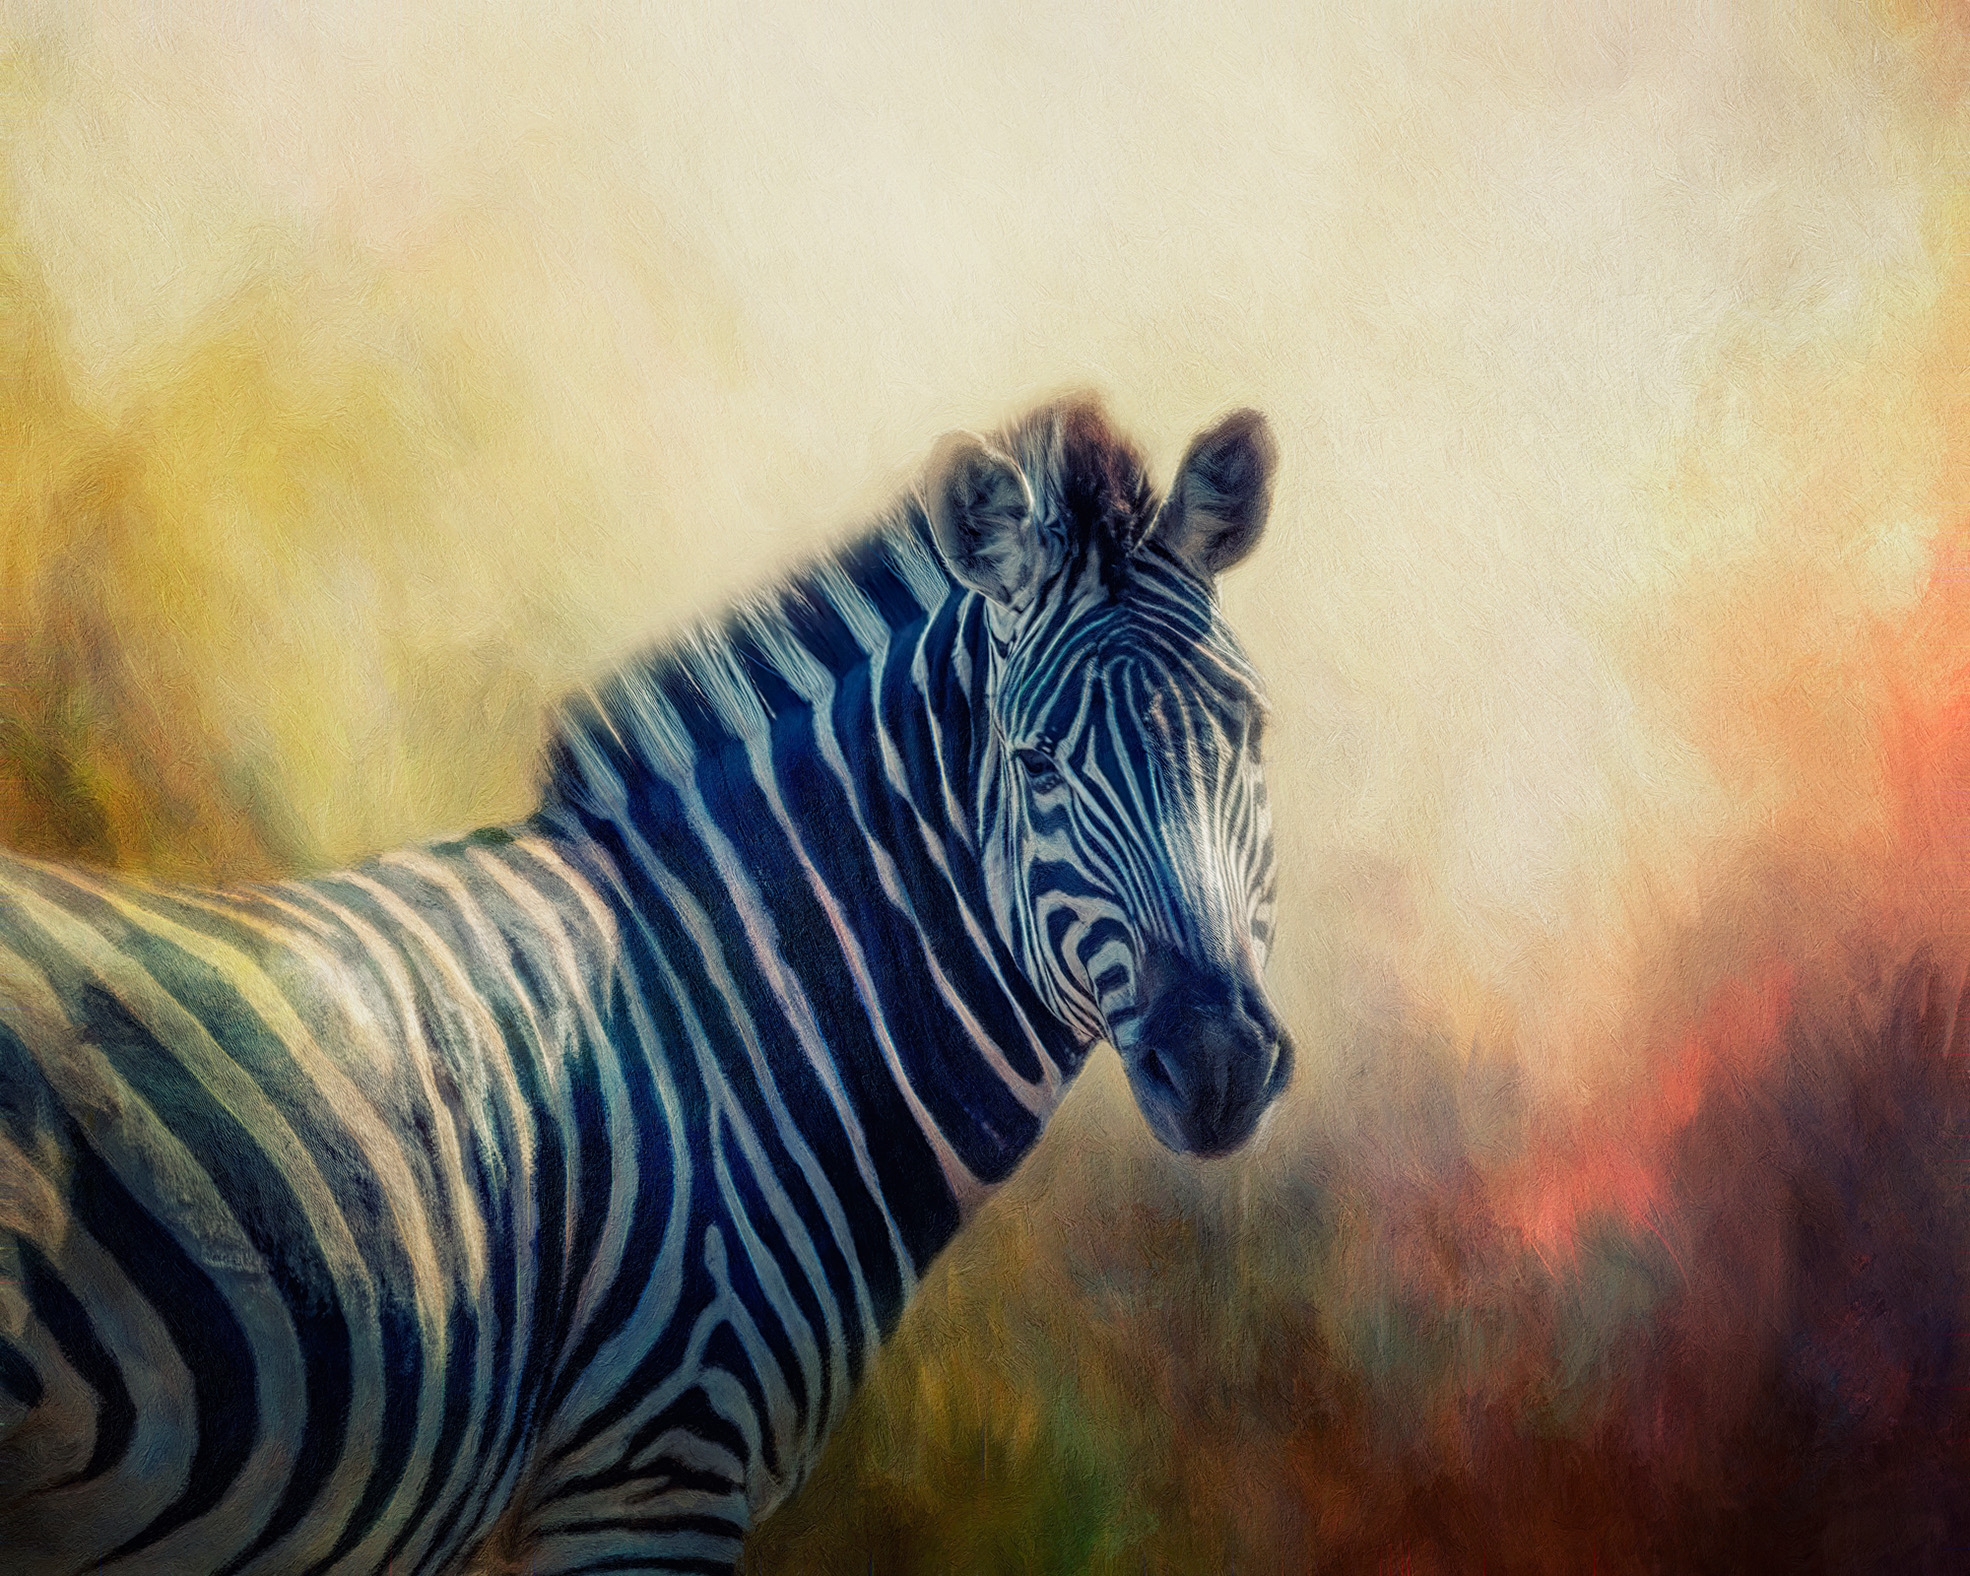 Each individual Zebra is unique.